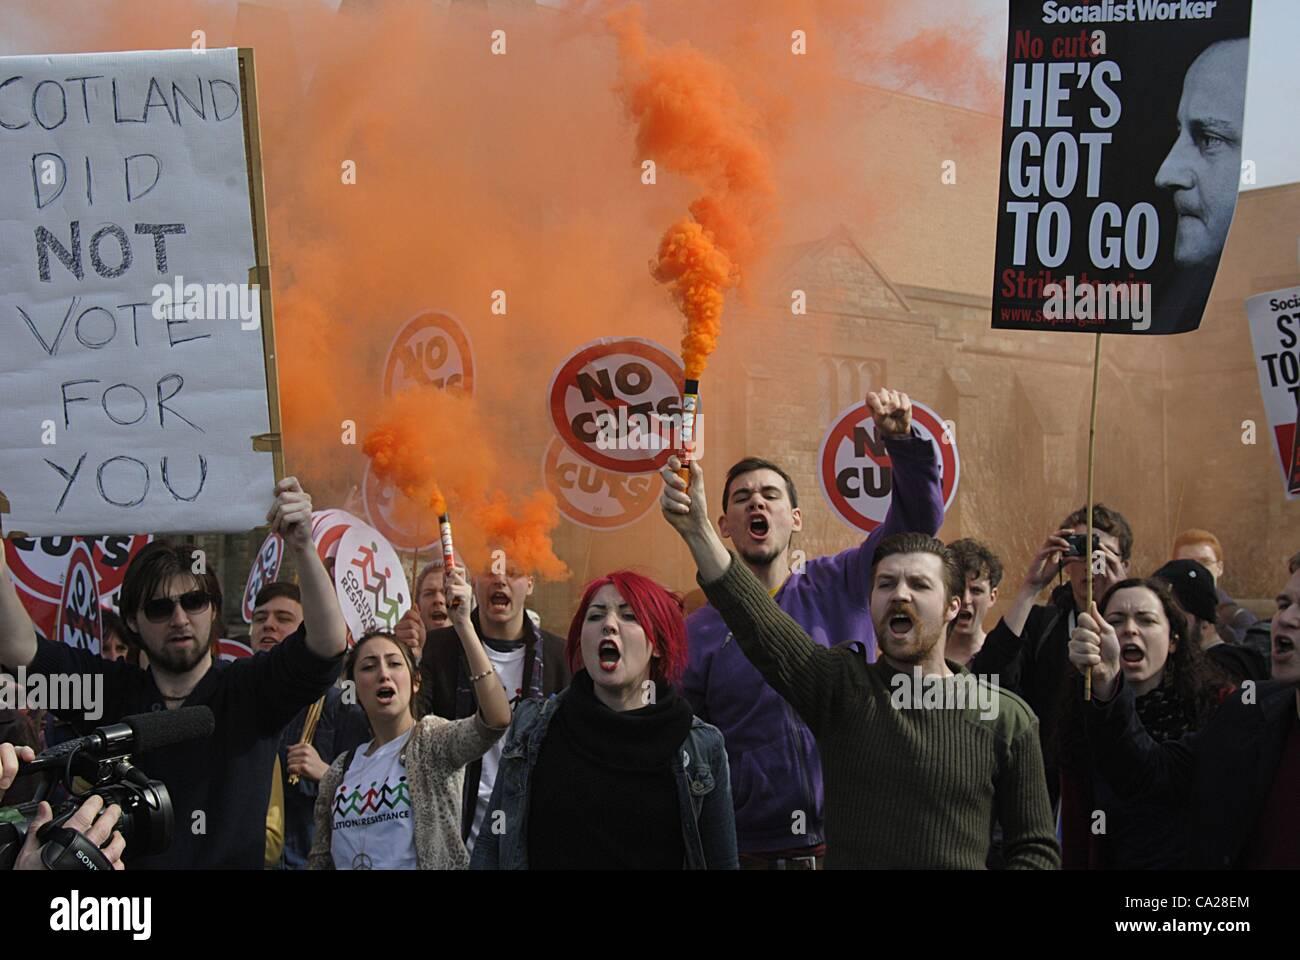 Troon, UK. 24.03.12 'Jugend Fight für Jobs' Protest März organisiert durch die Scottish Trades Stockbild